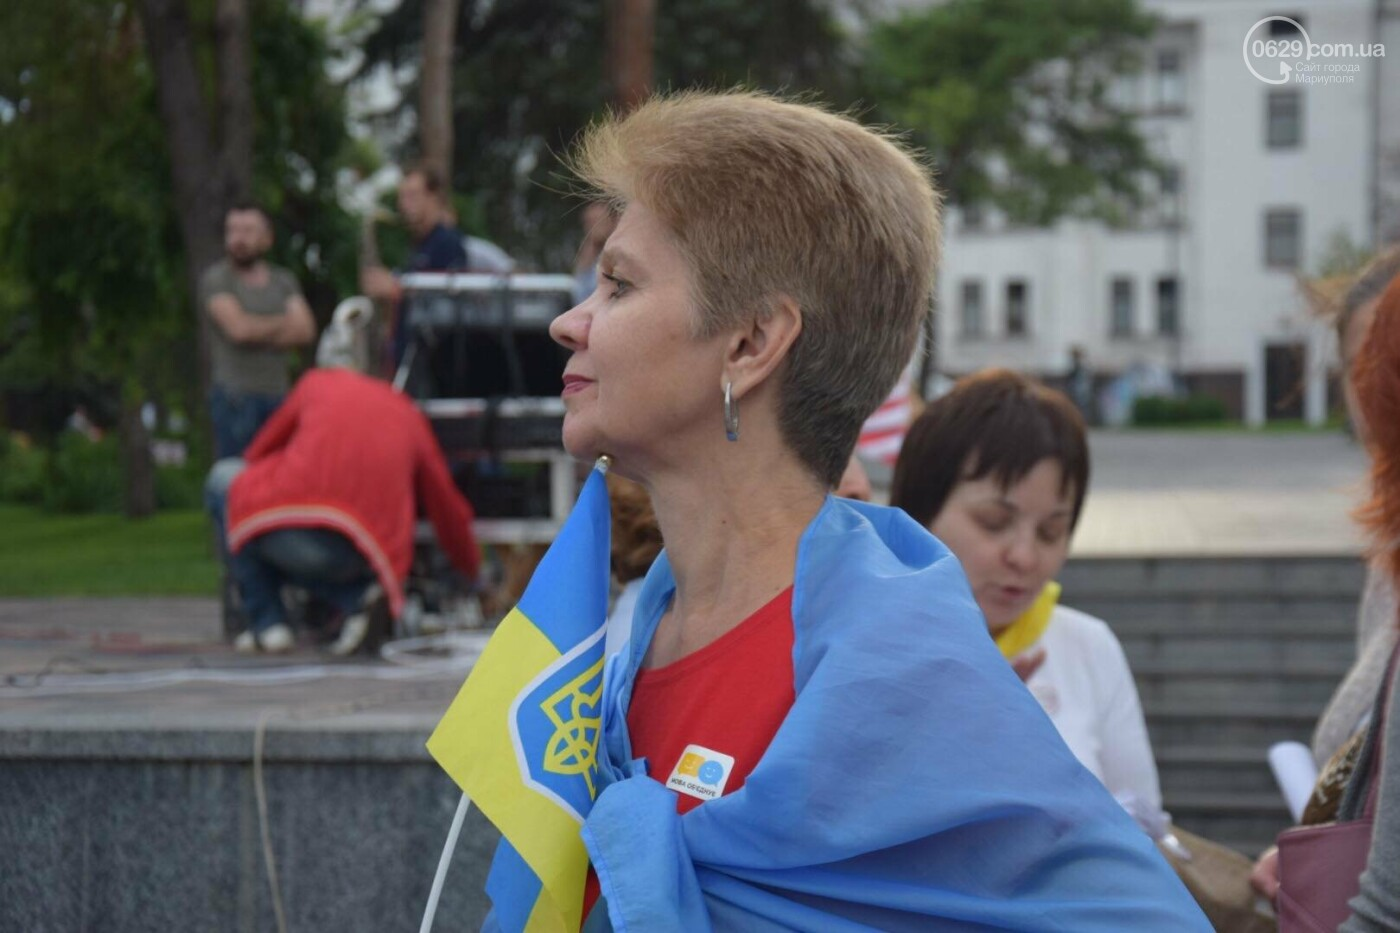 В Мариуполе радостно встретили Закон об украинском языке, - ФОТО, фото-4